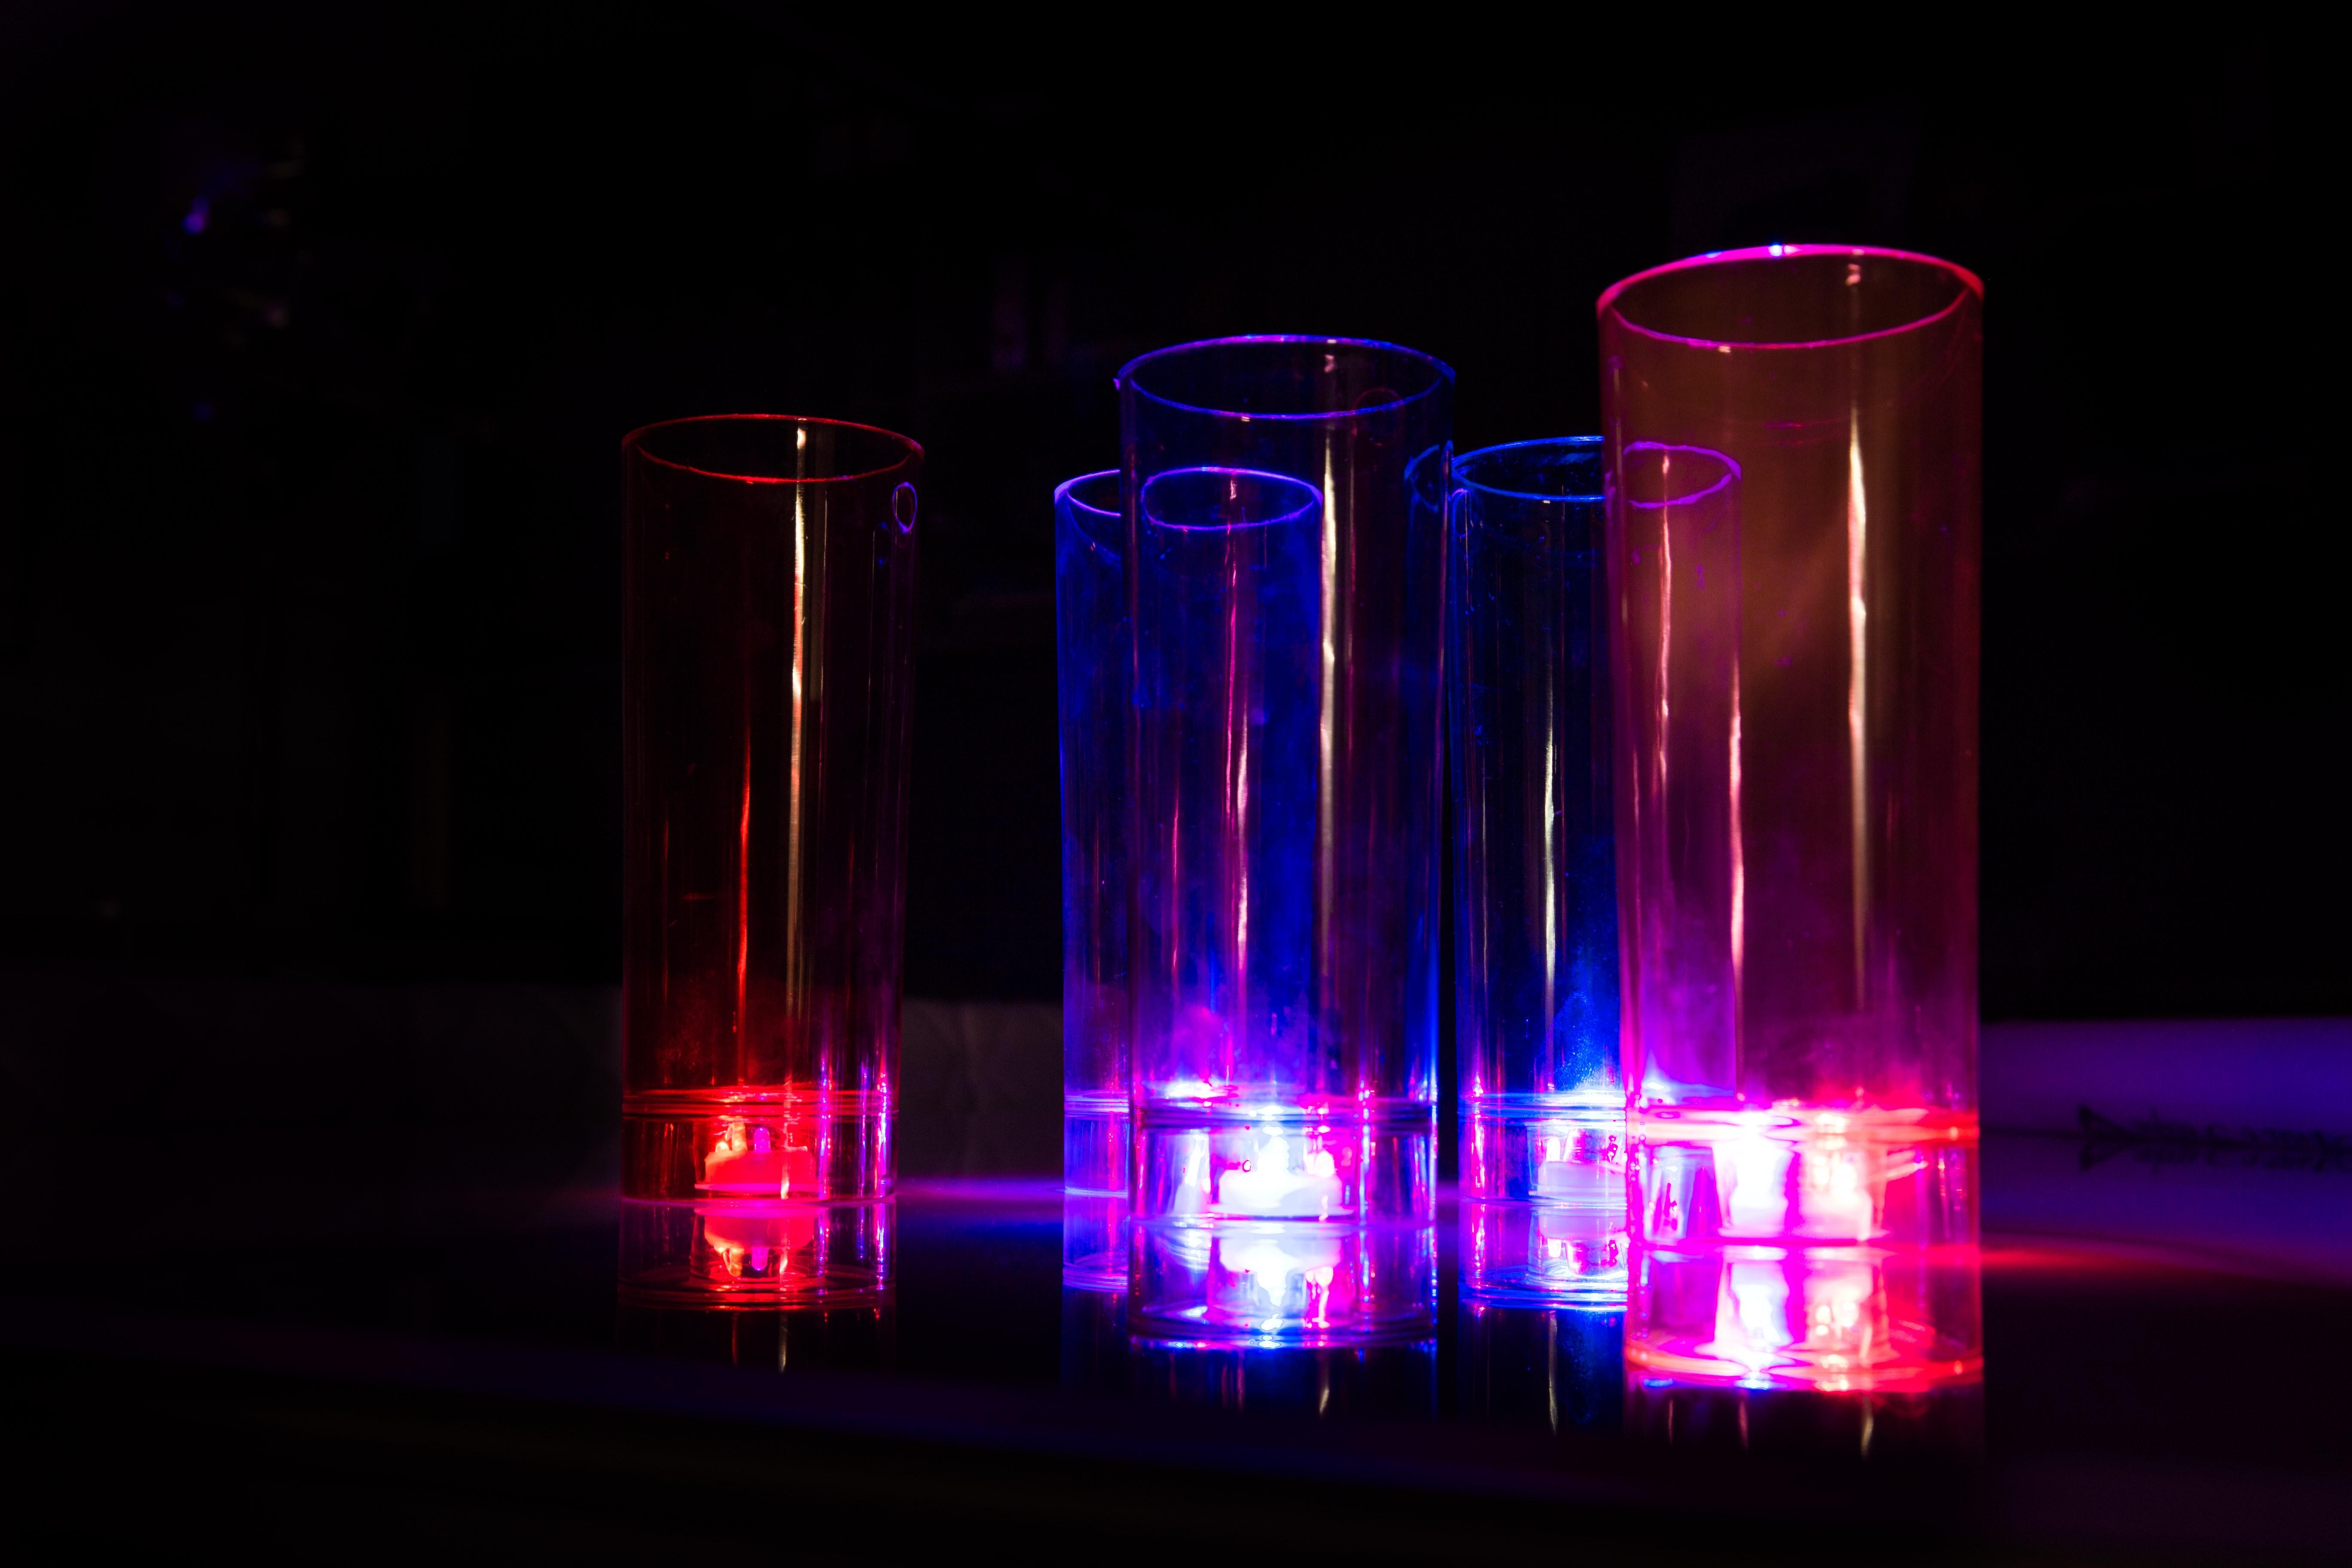 Capos de LED vermelho e azul.